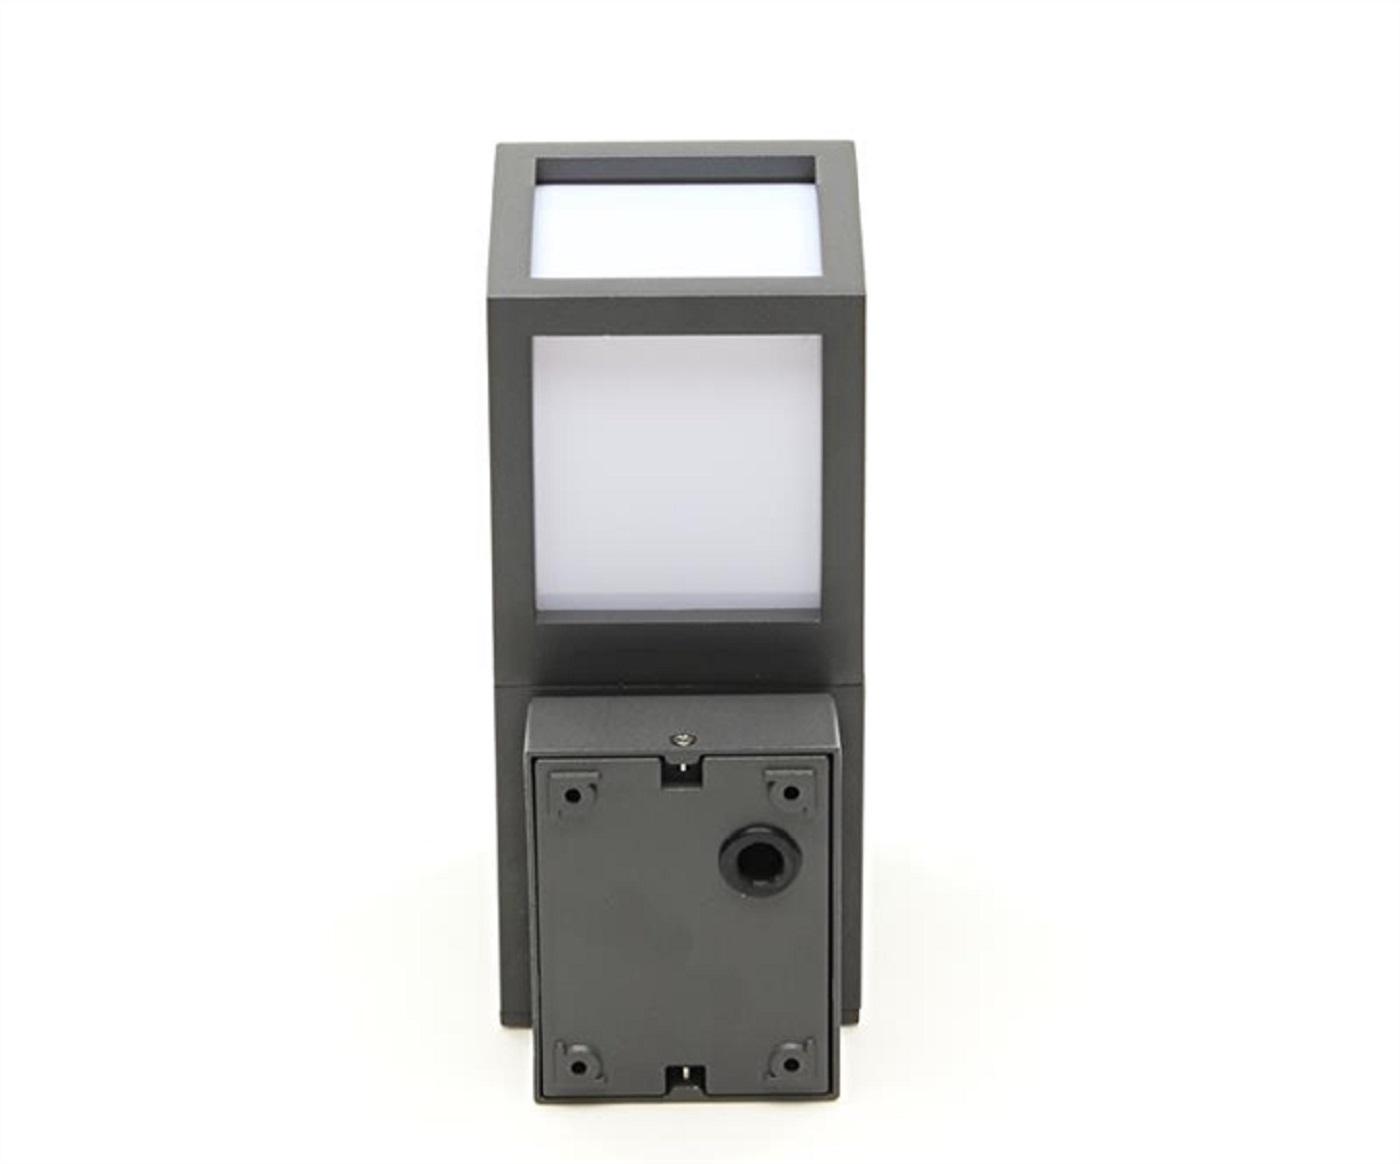 Applique lampade led da esterno a parete :: prova sito